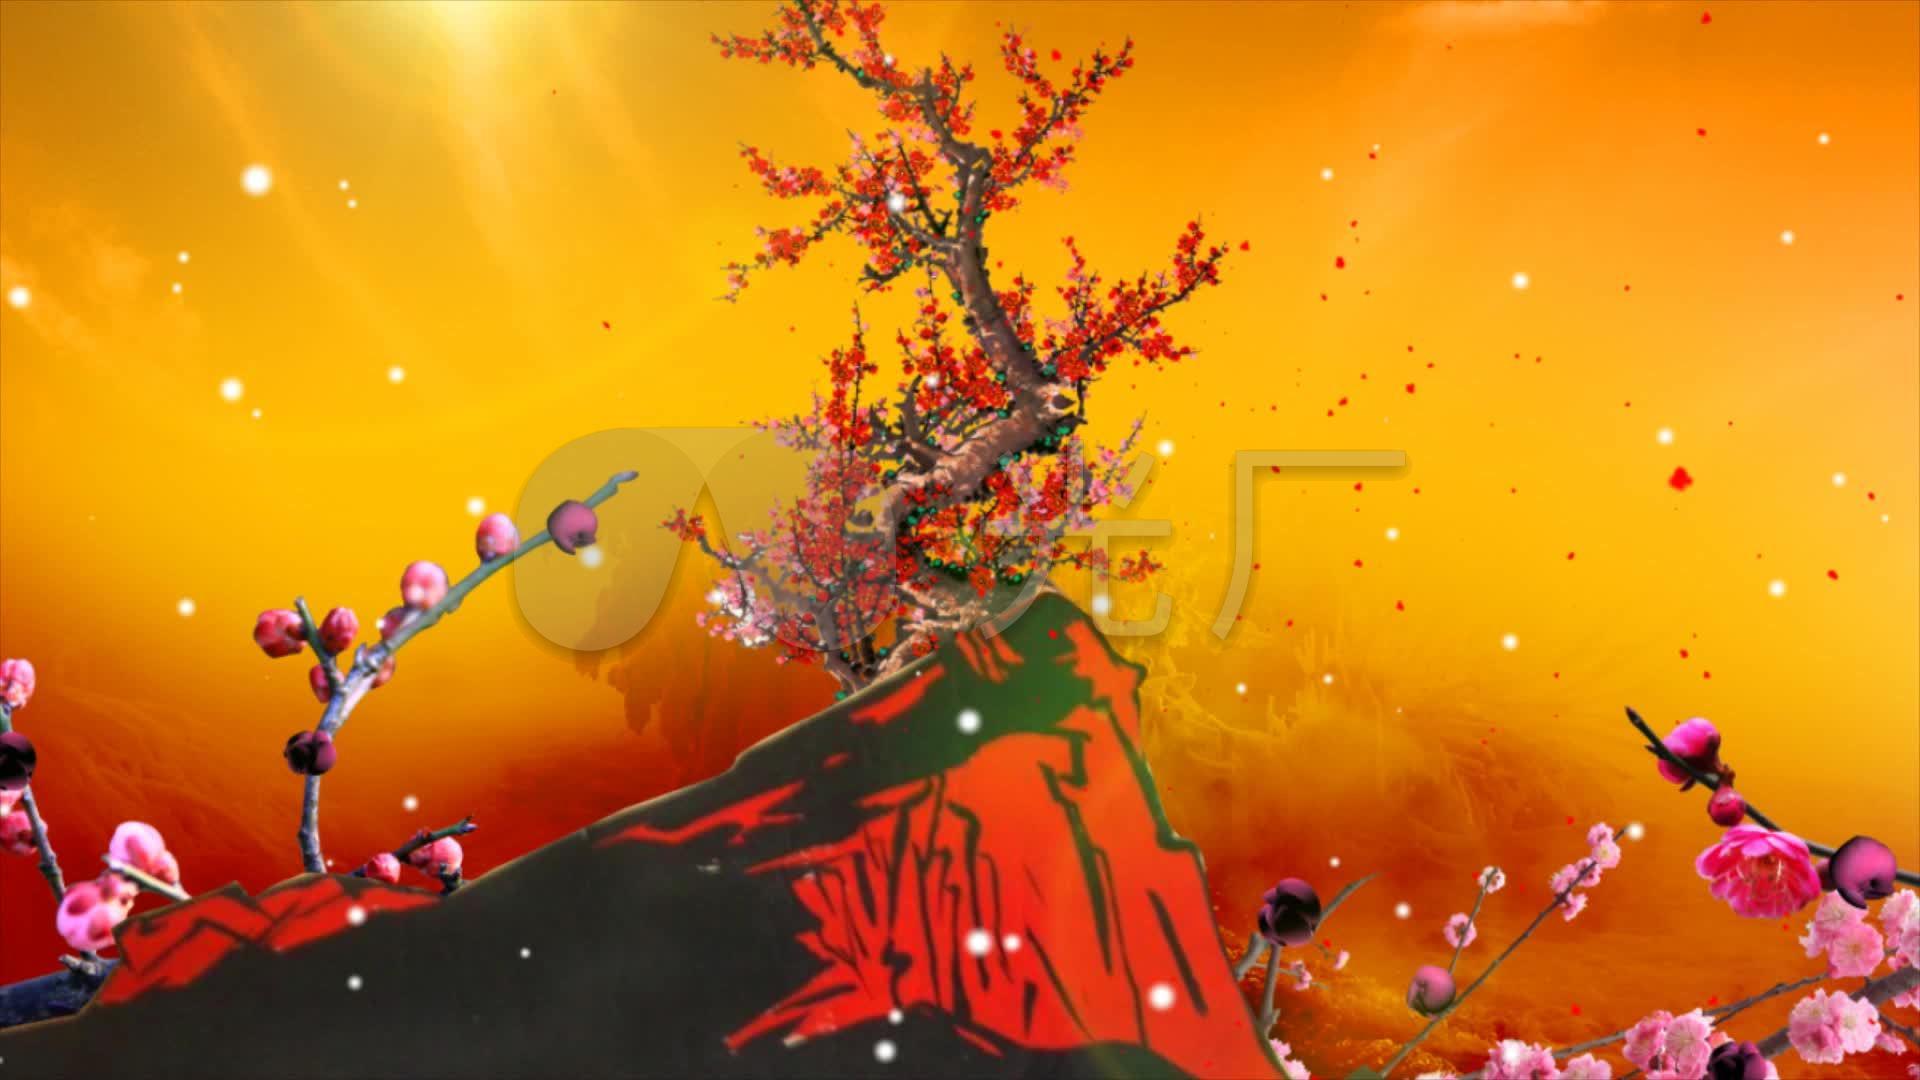 红梅赞配乐高清_1920X1080_素材视频视频下莉刺视频图片